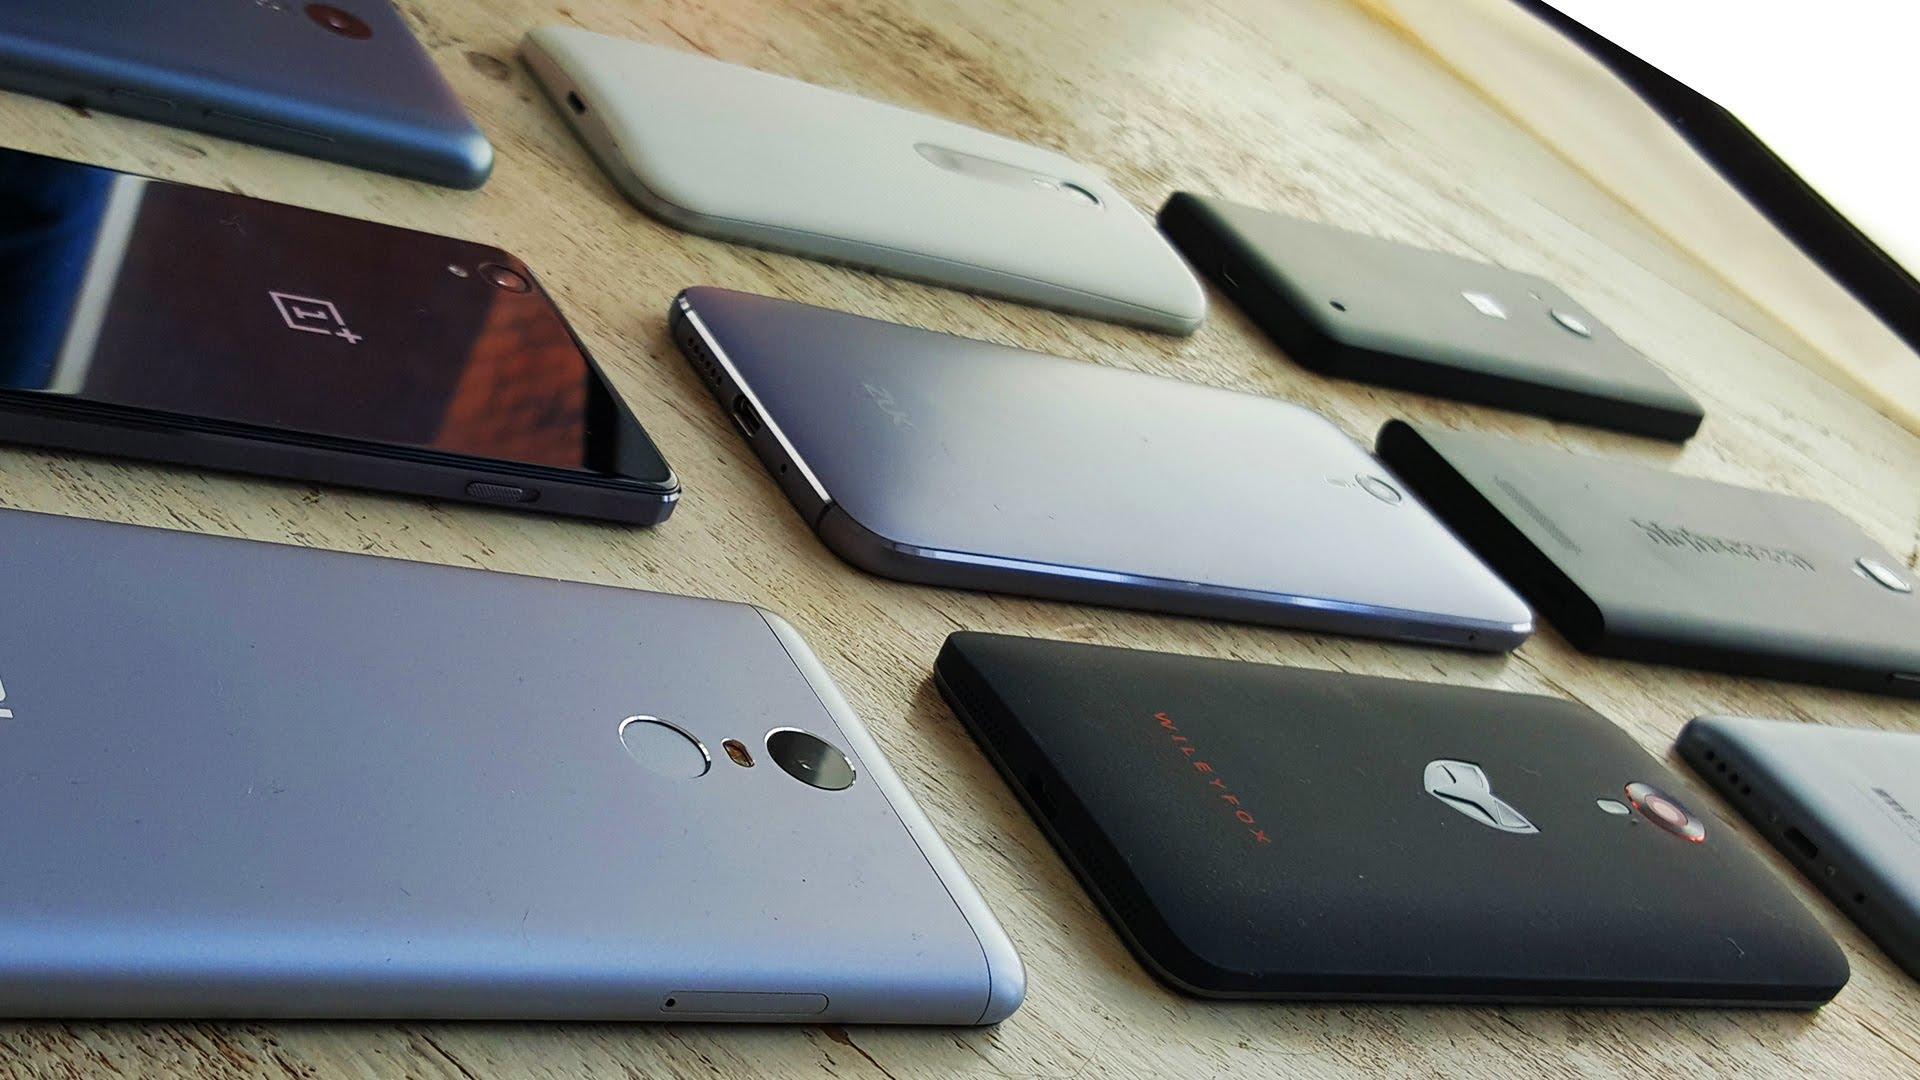 Выбираем смартфон хорошего качества за небольшие деньги